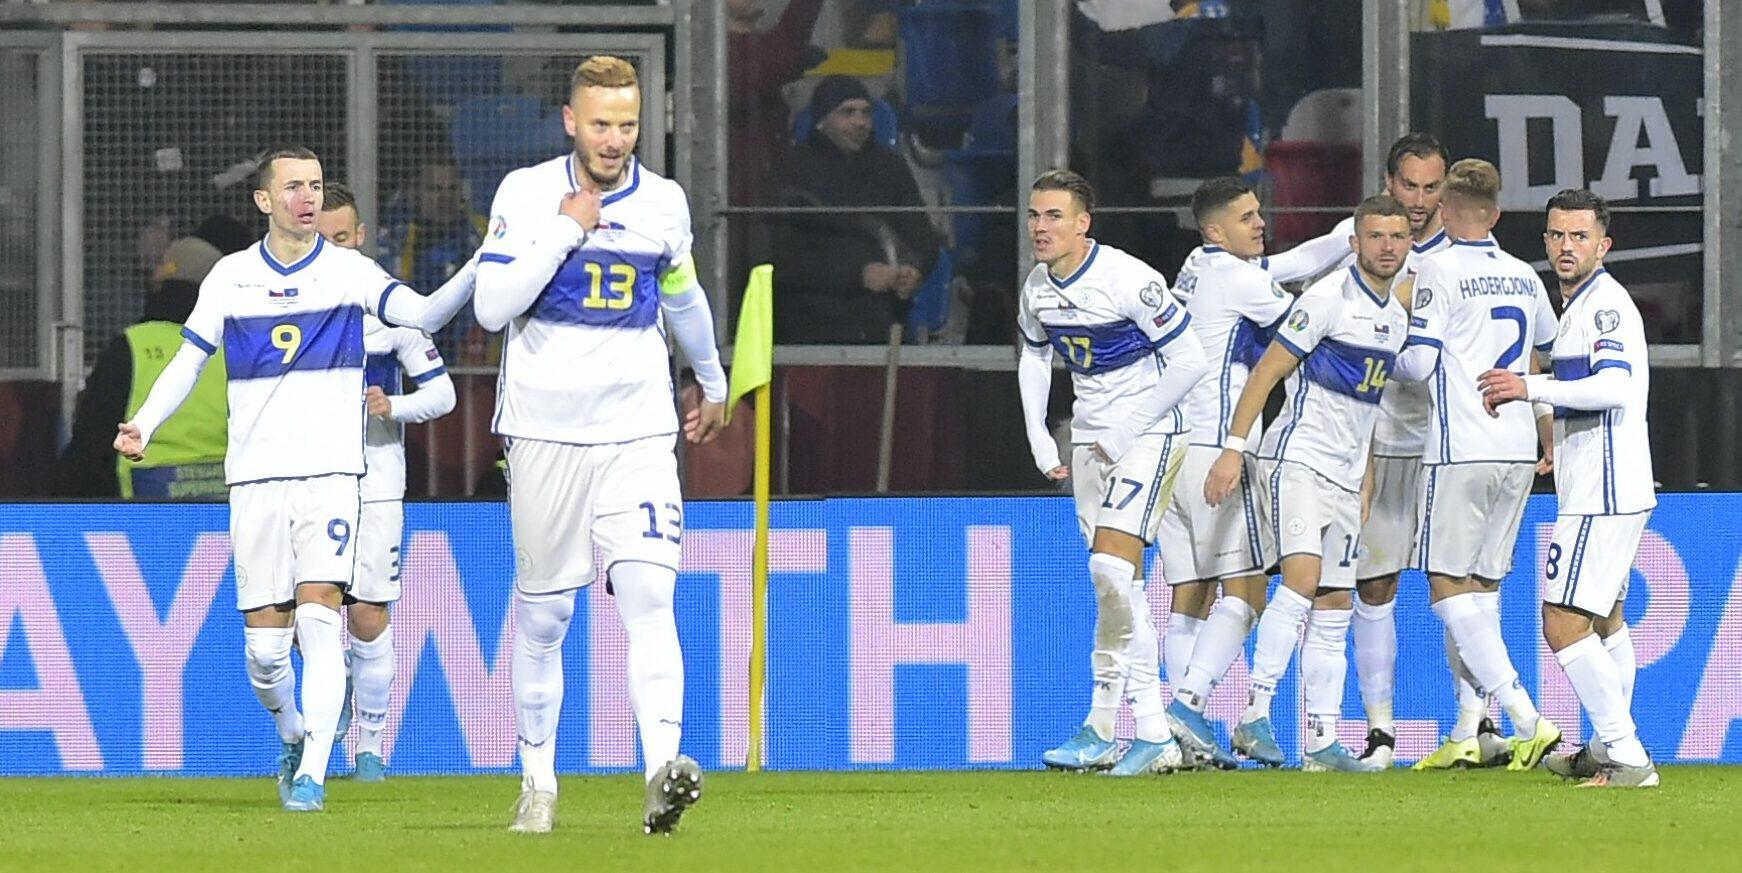 Els jugadors de la selecció de Kosovo celebren un gol | Europa Press